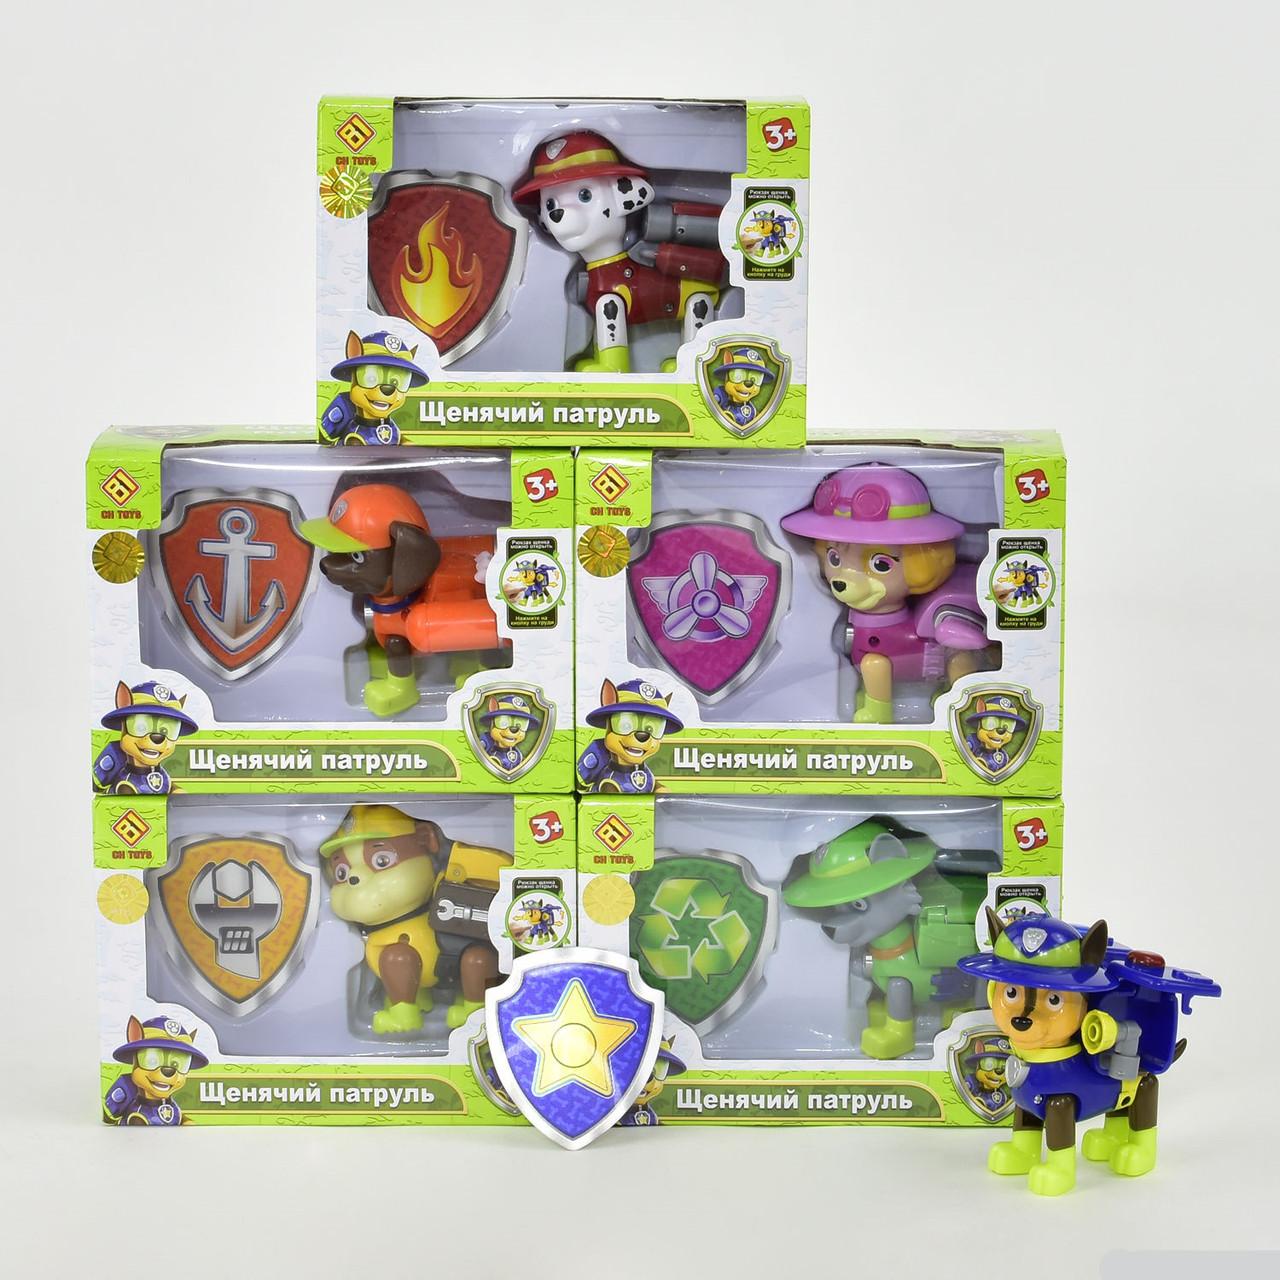 """Герої СН 701 """"Щенячий Патруль"""" різних видів, в коробці"""